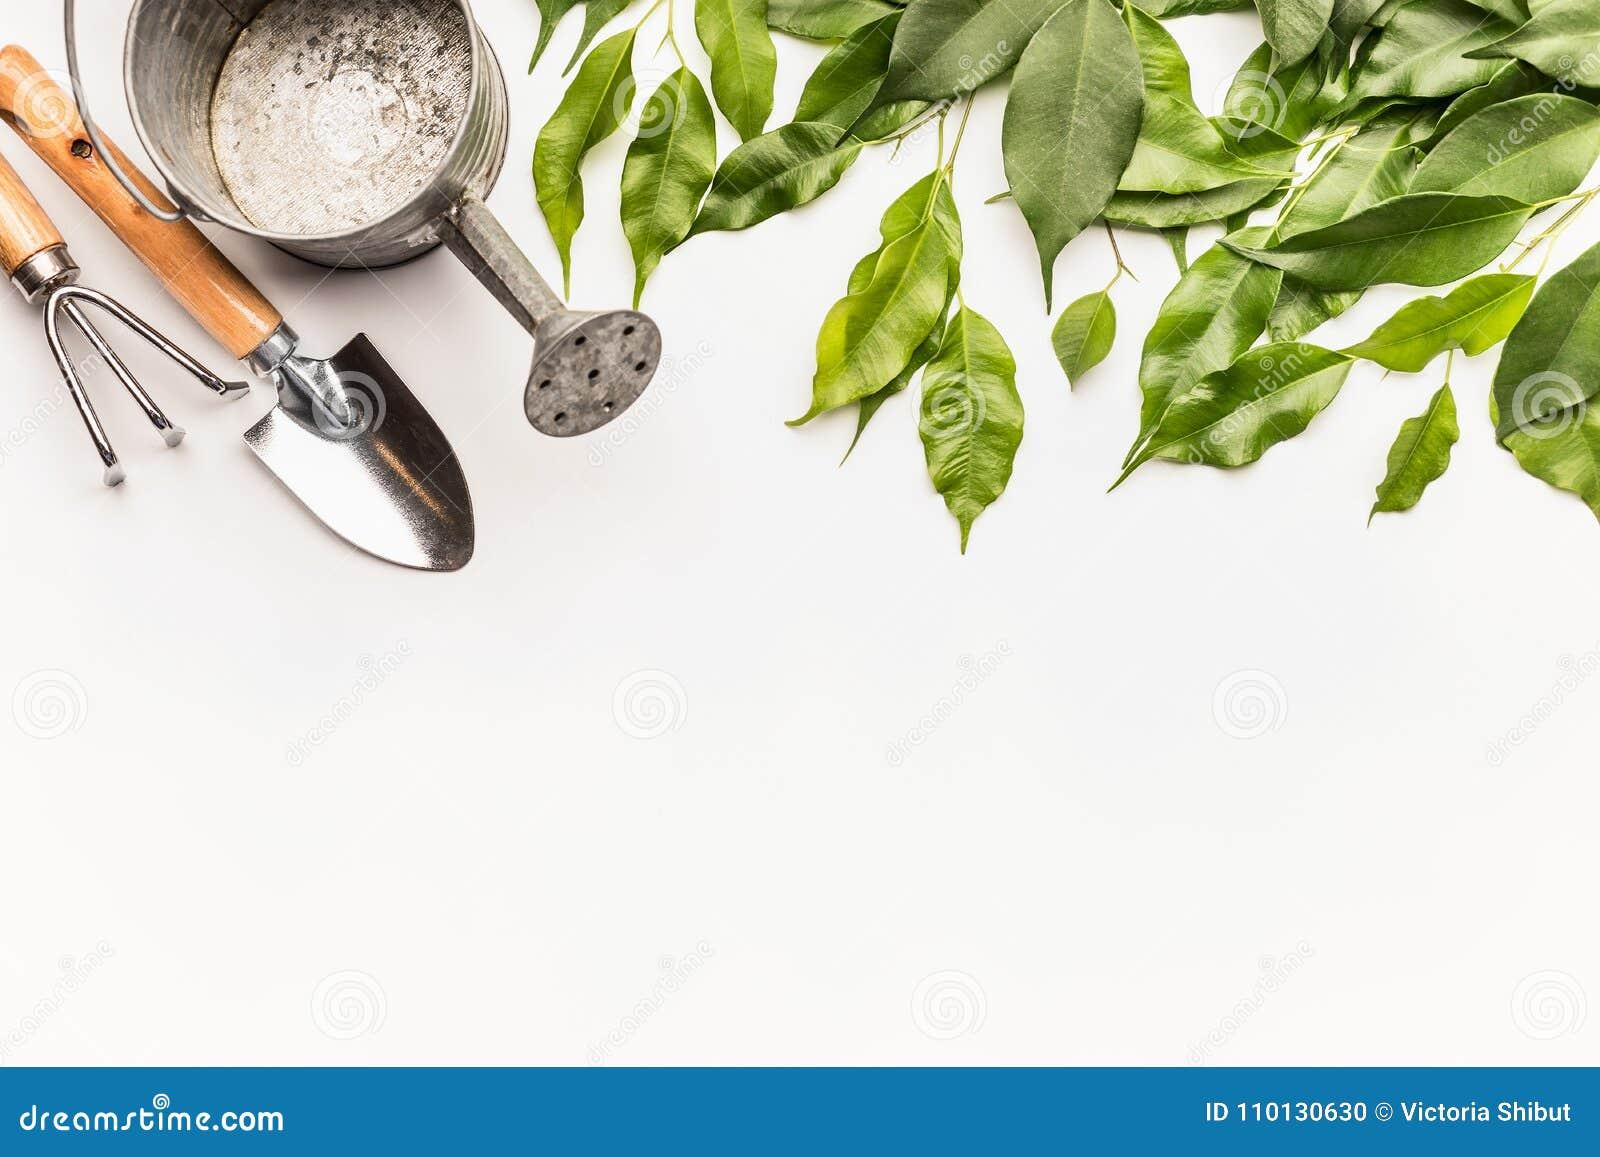 与园艺工具和绿色束的喷壶枝杈和叶子在白色书桌背景